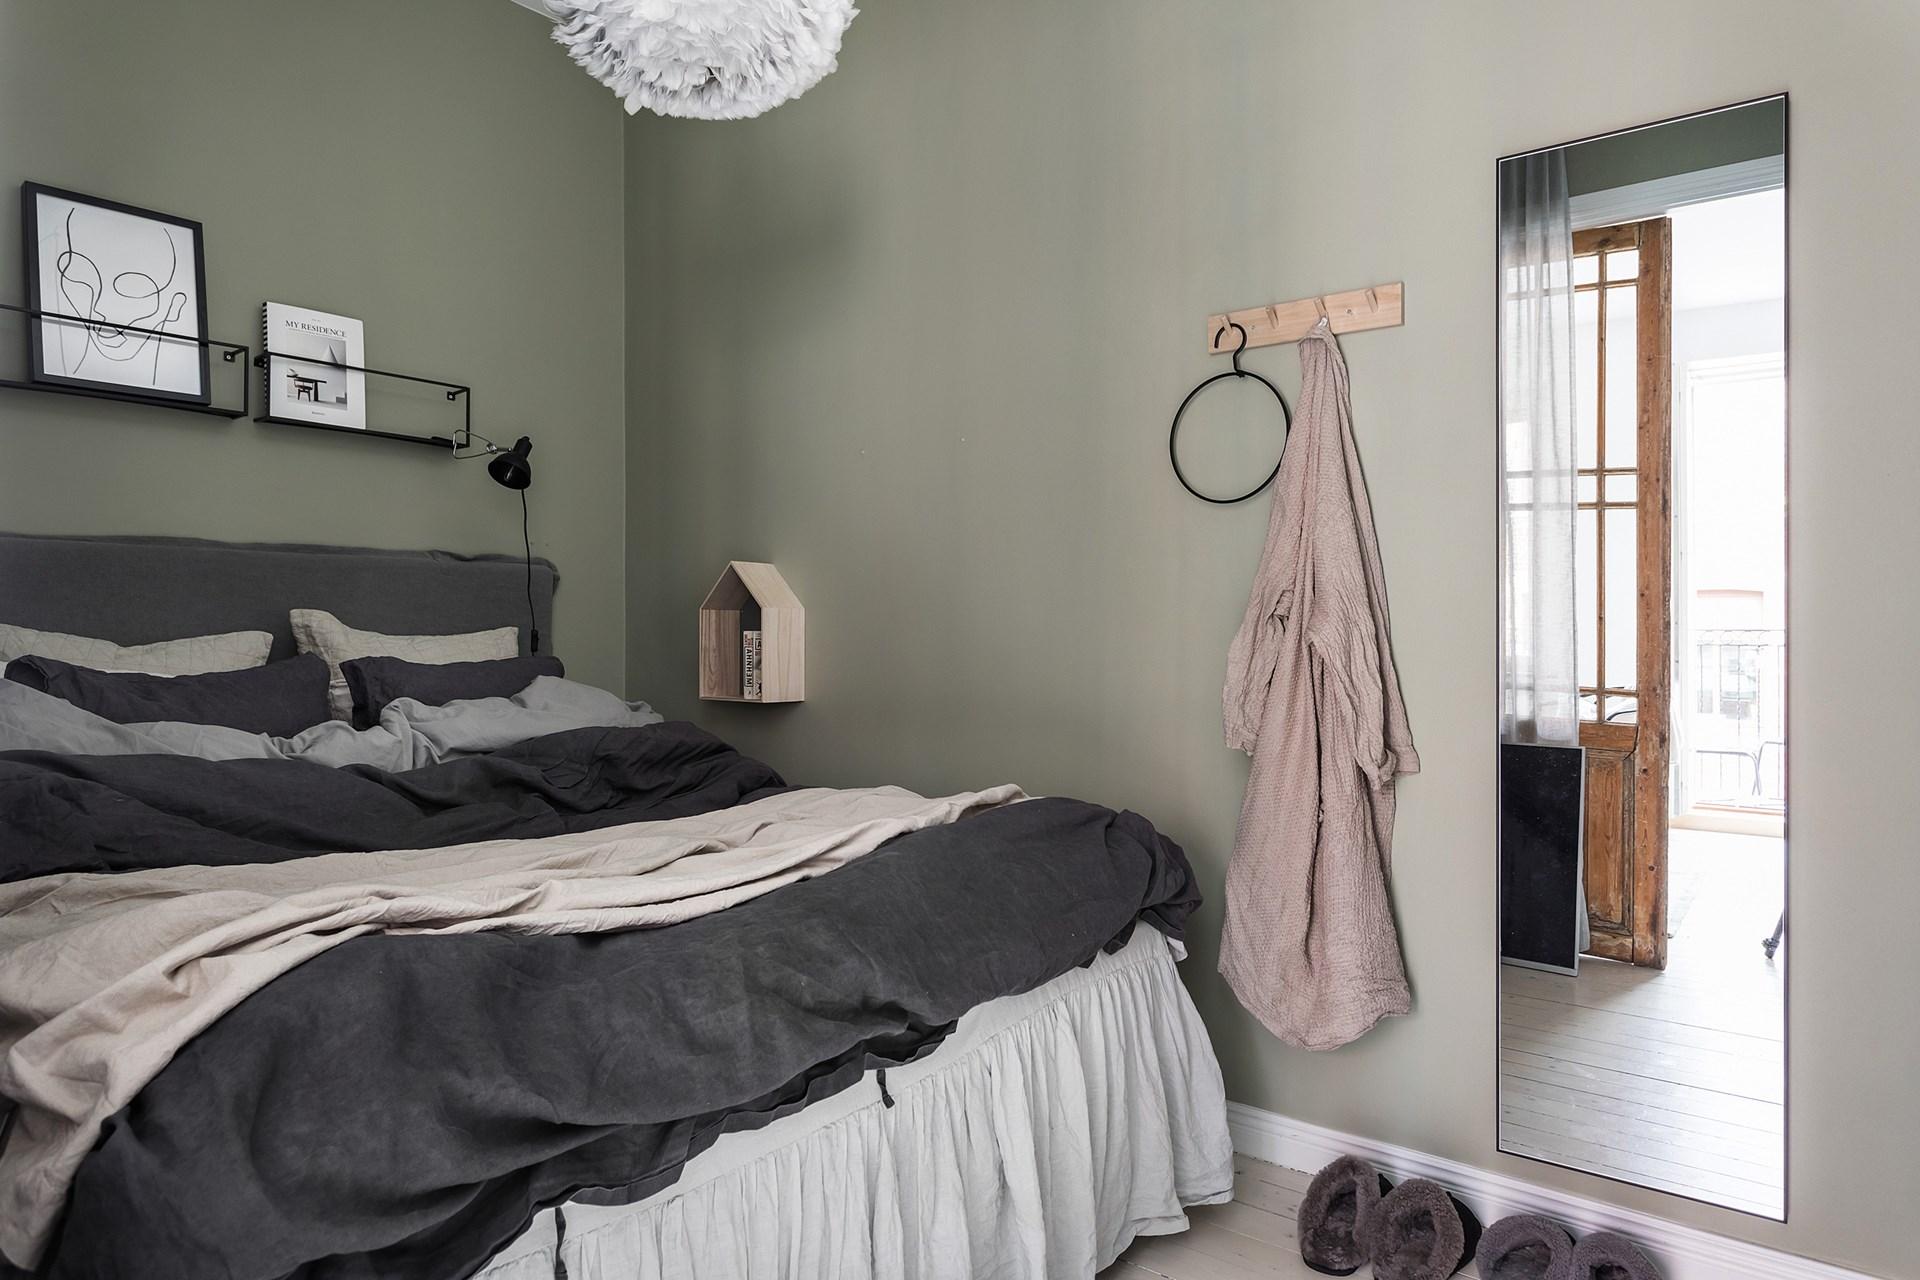 квартира 40 квм спальня кровать